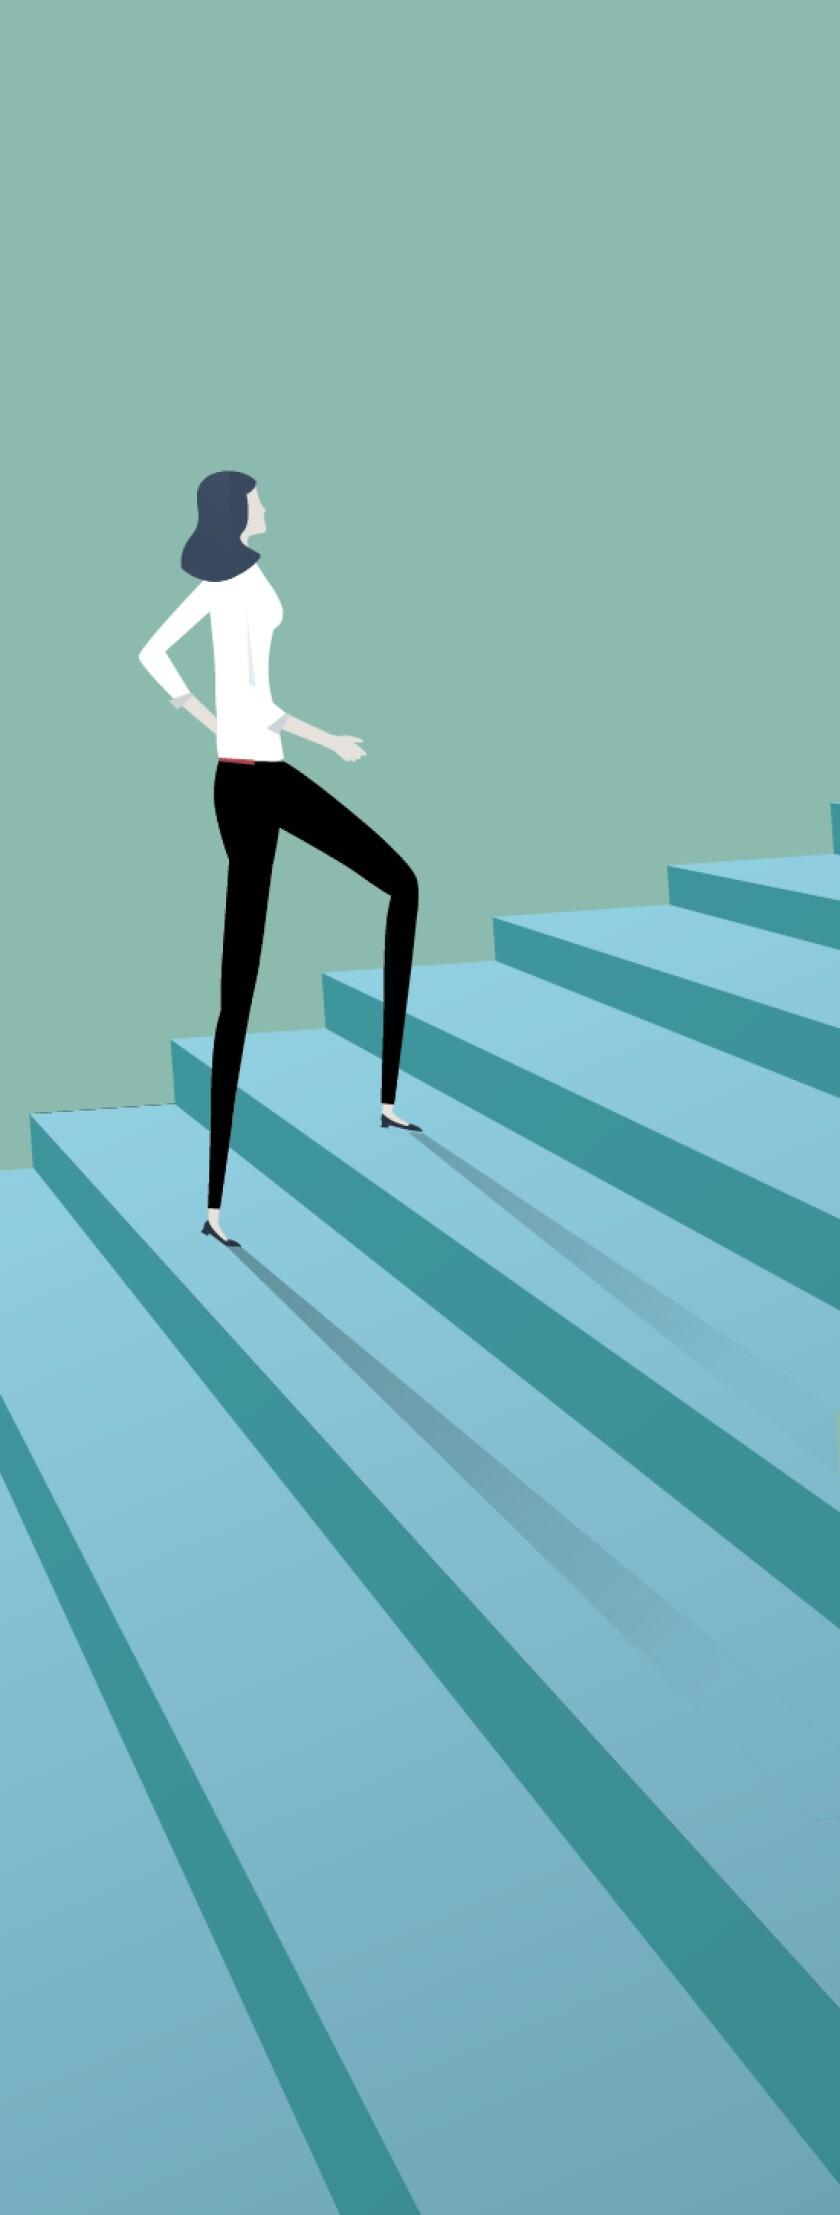 stairsfemaleisfinance.jpg